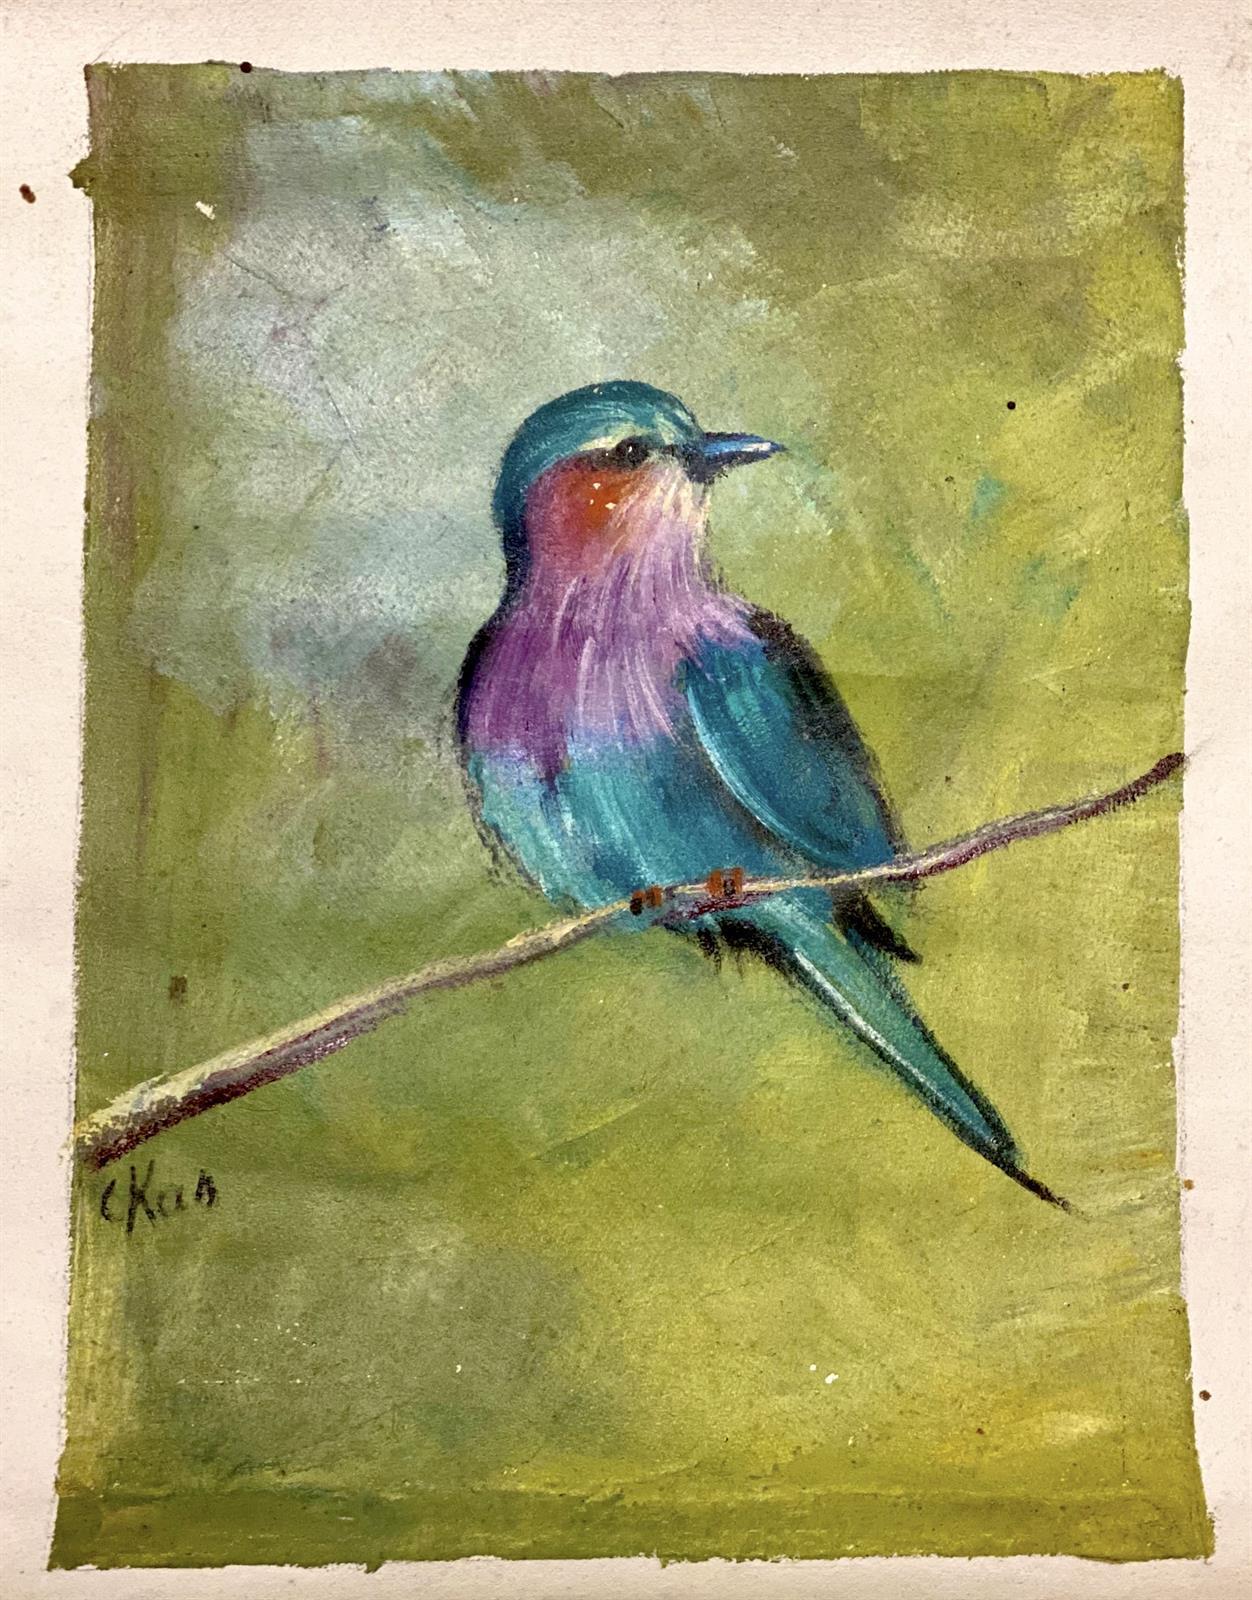 Maleri, afrikansk fugl på gren